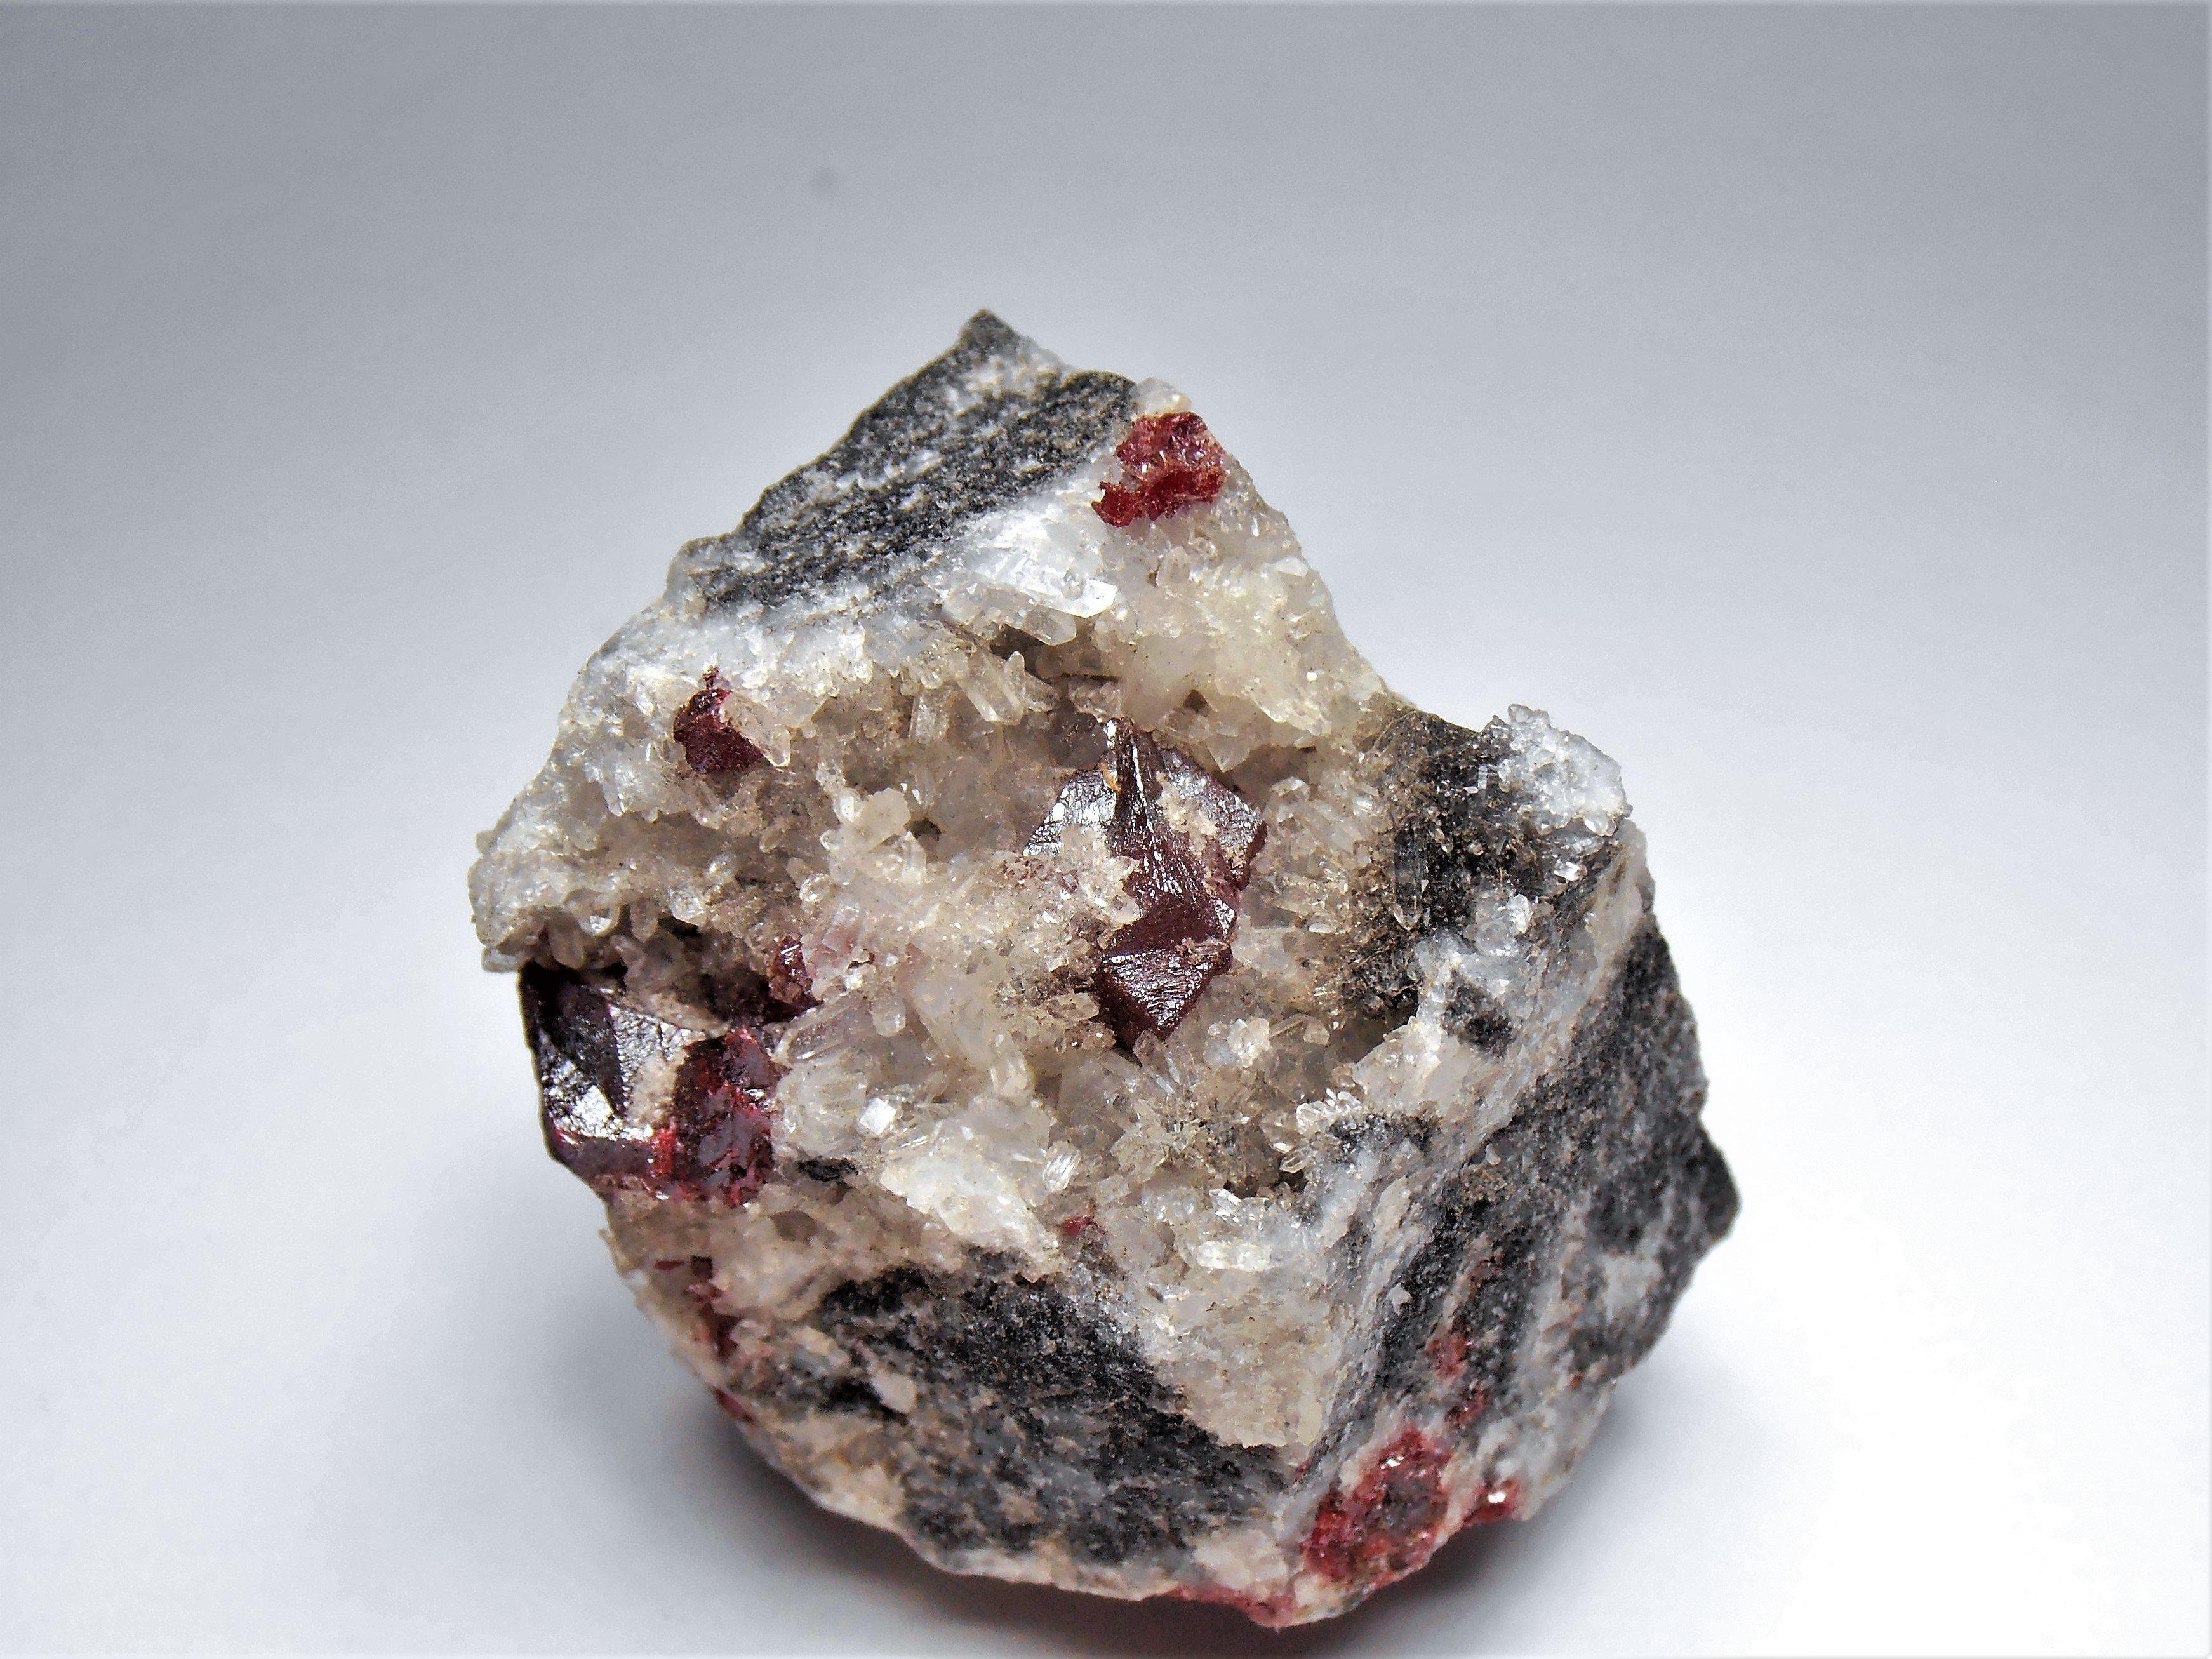 Cinnabar Crystals from the Tongren Prefecture, Guizhou